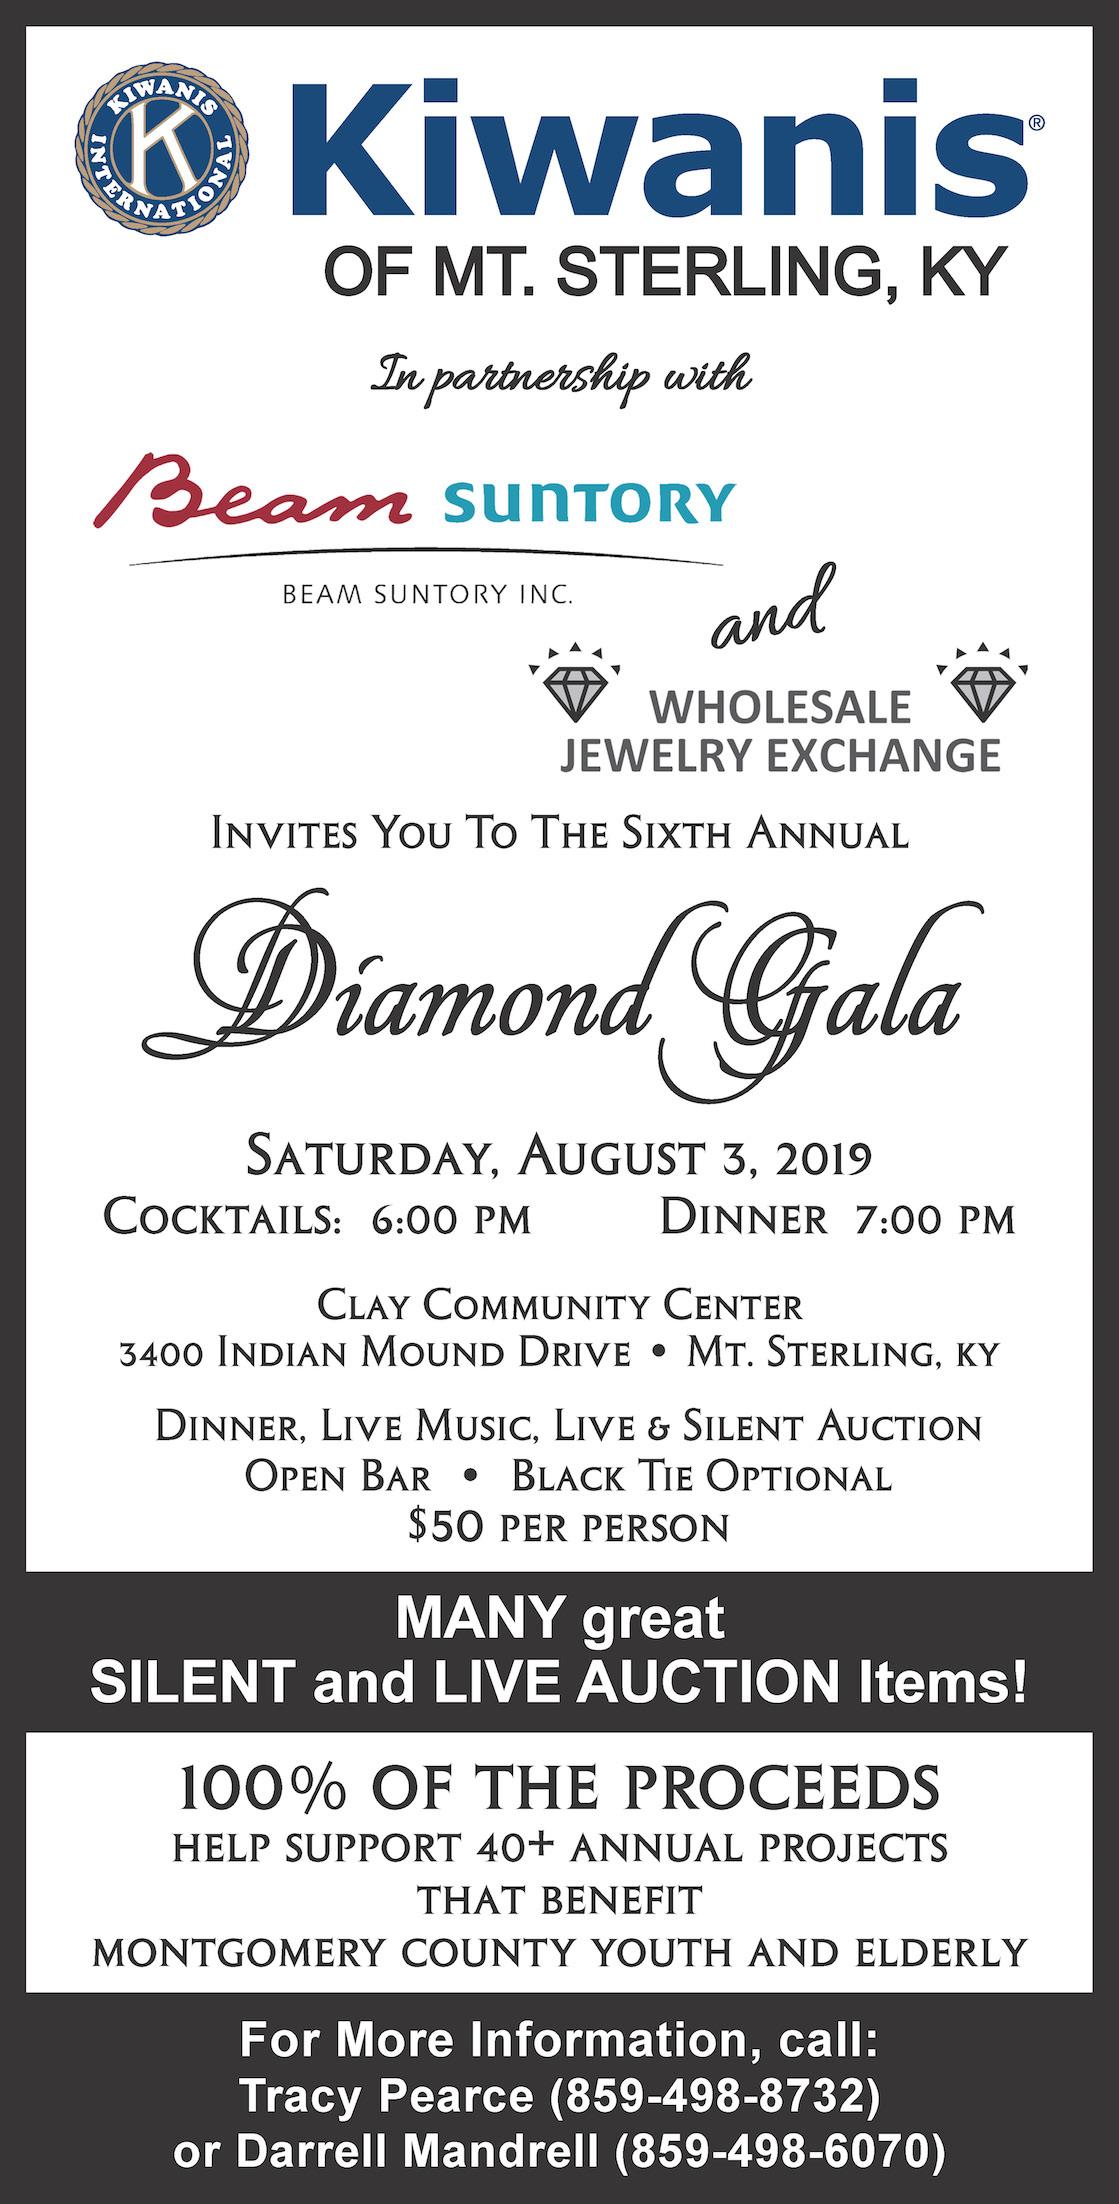 Diamond Gala